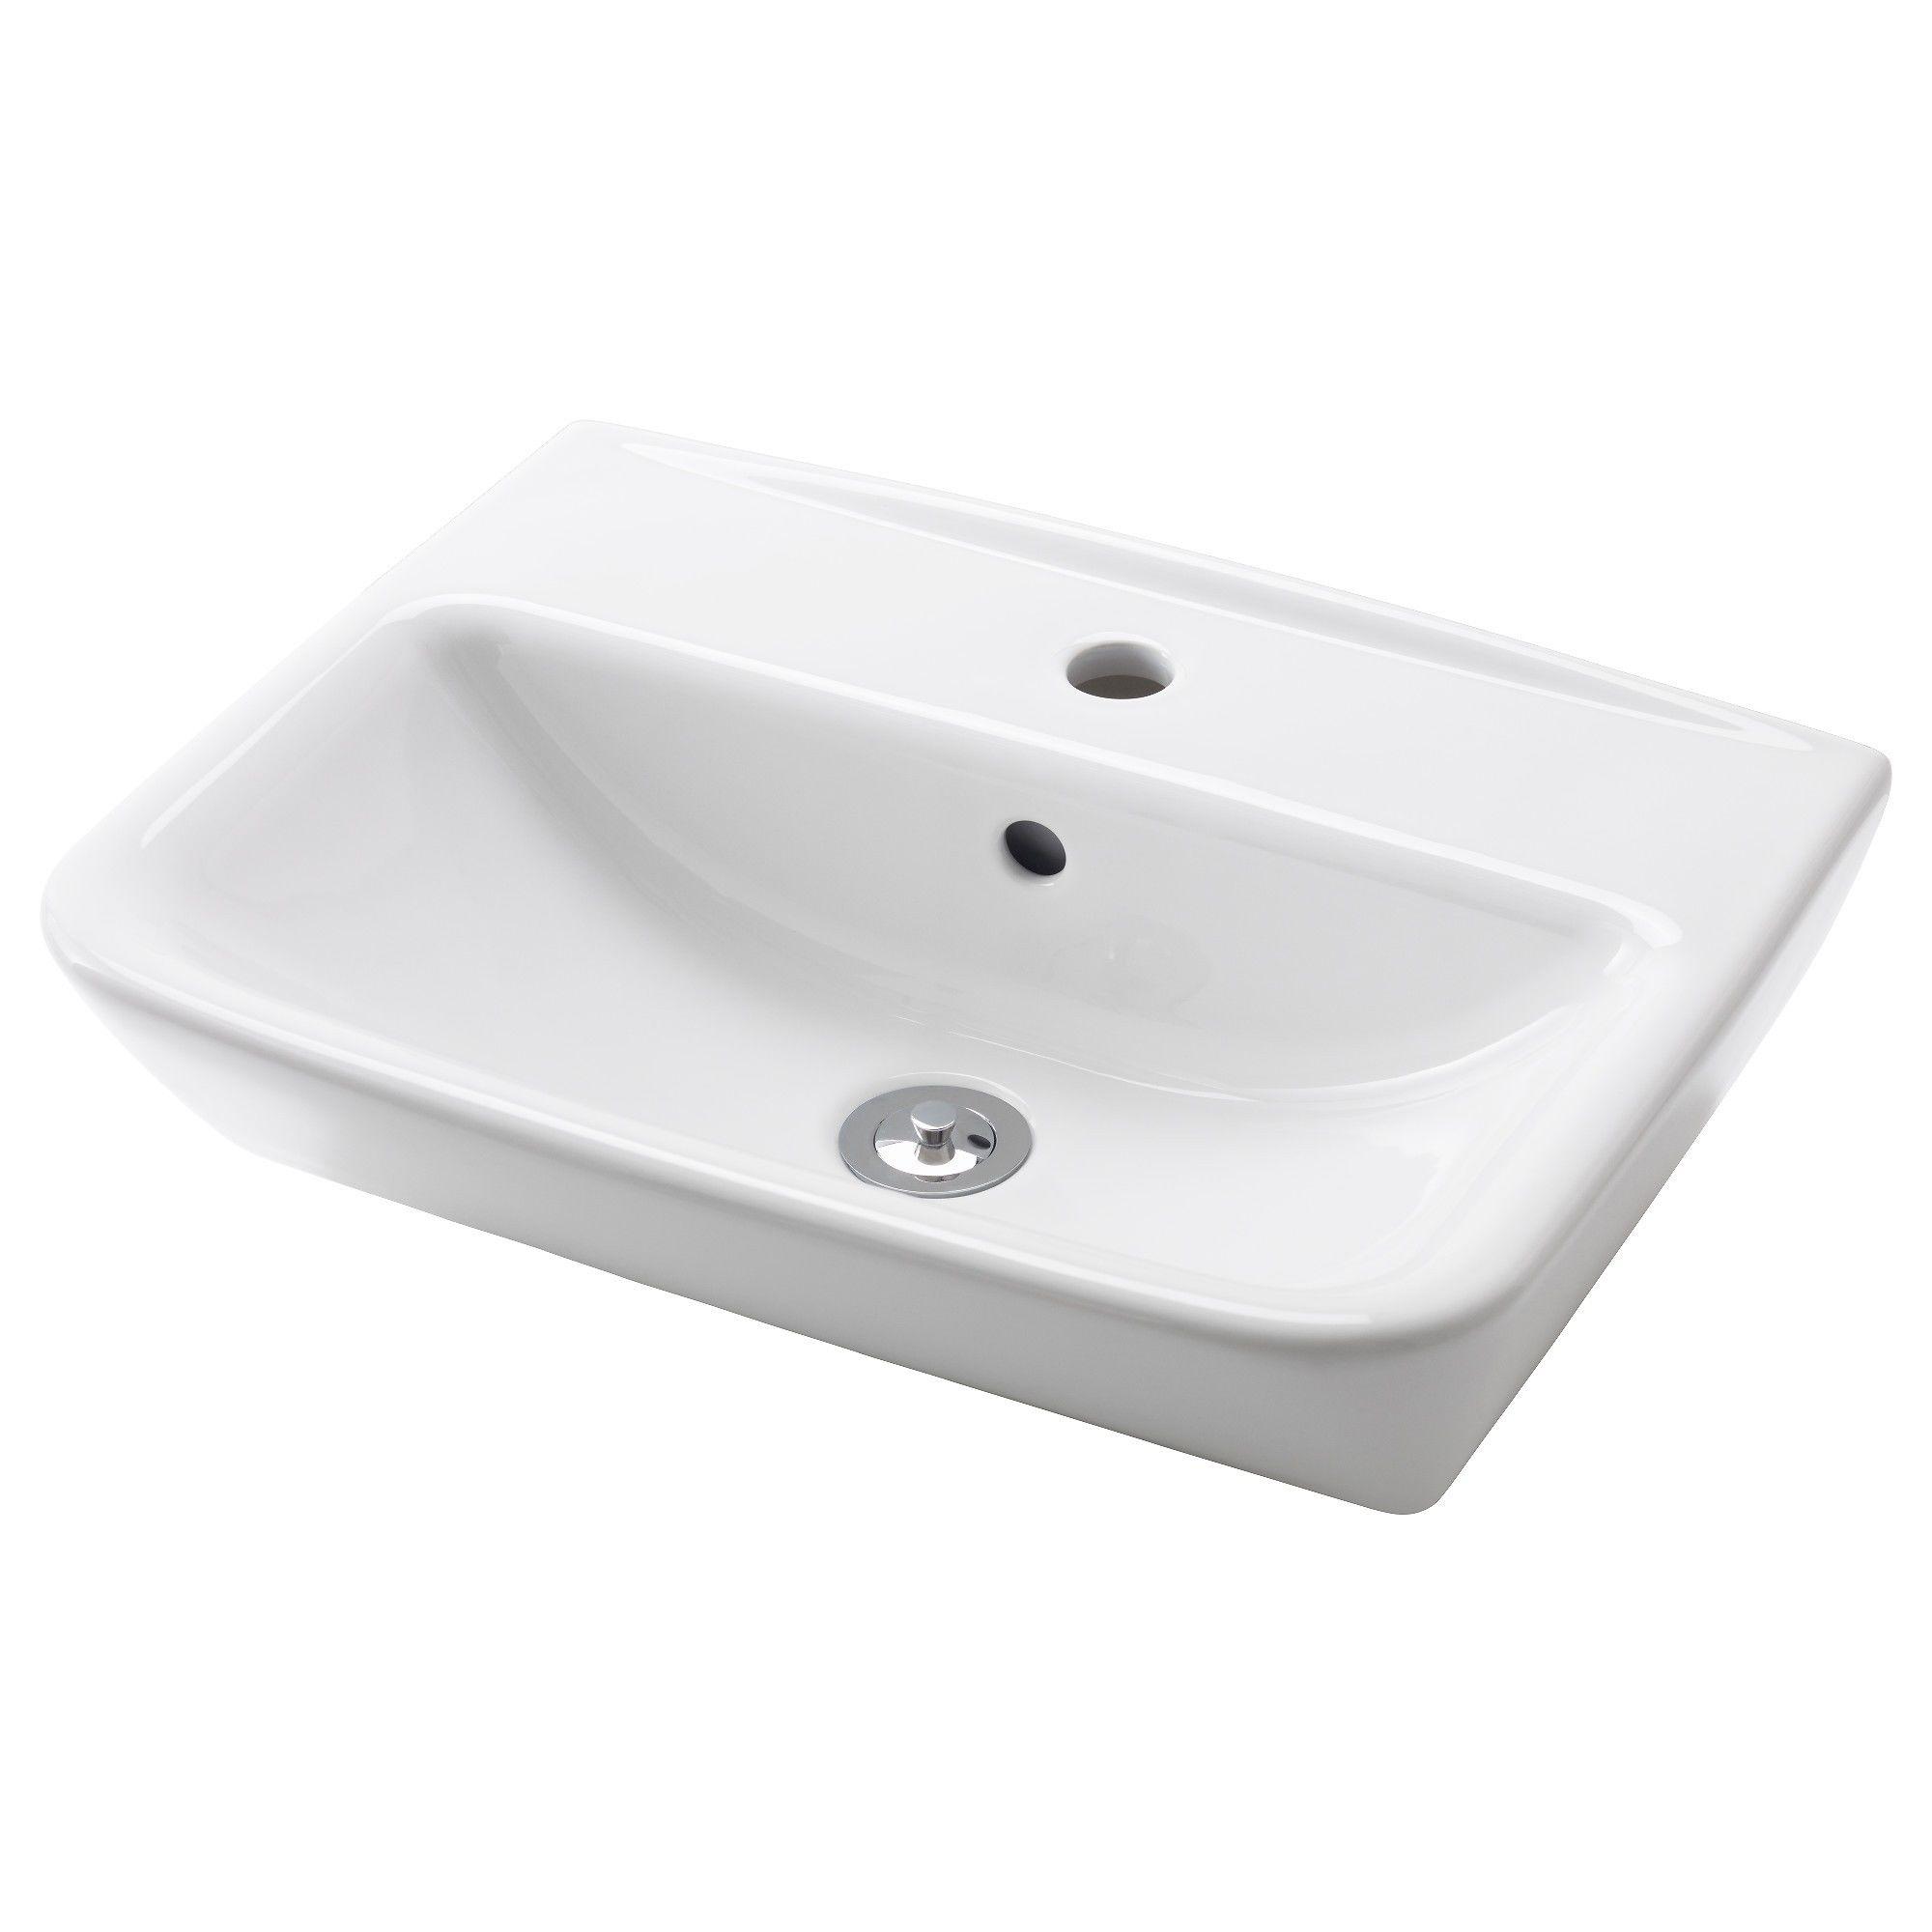 Fancy Bathroom Sink Drain Plug Dcor  Bathroom Design